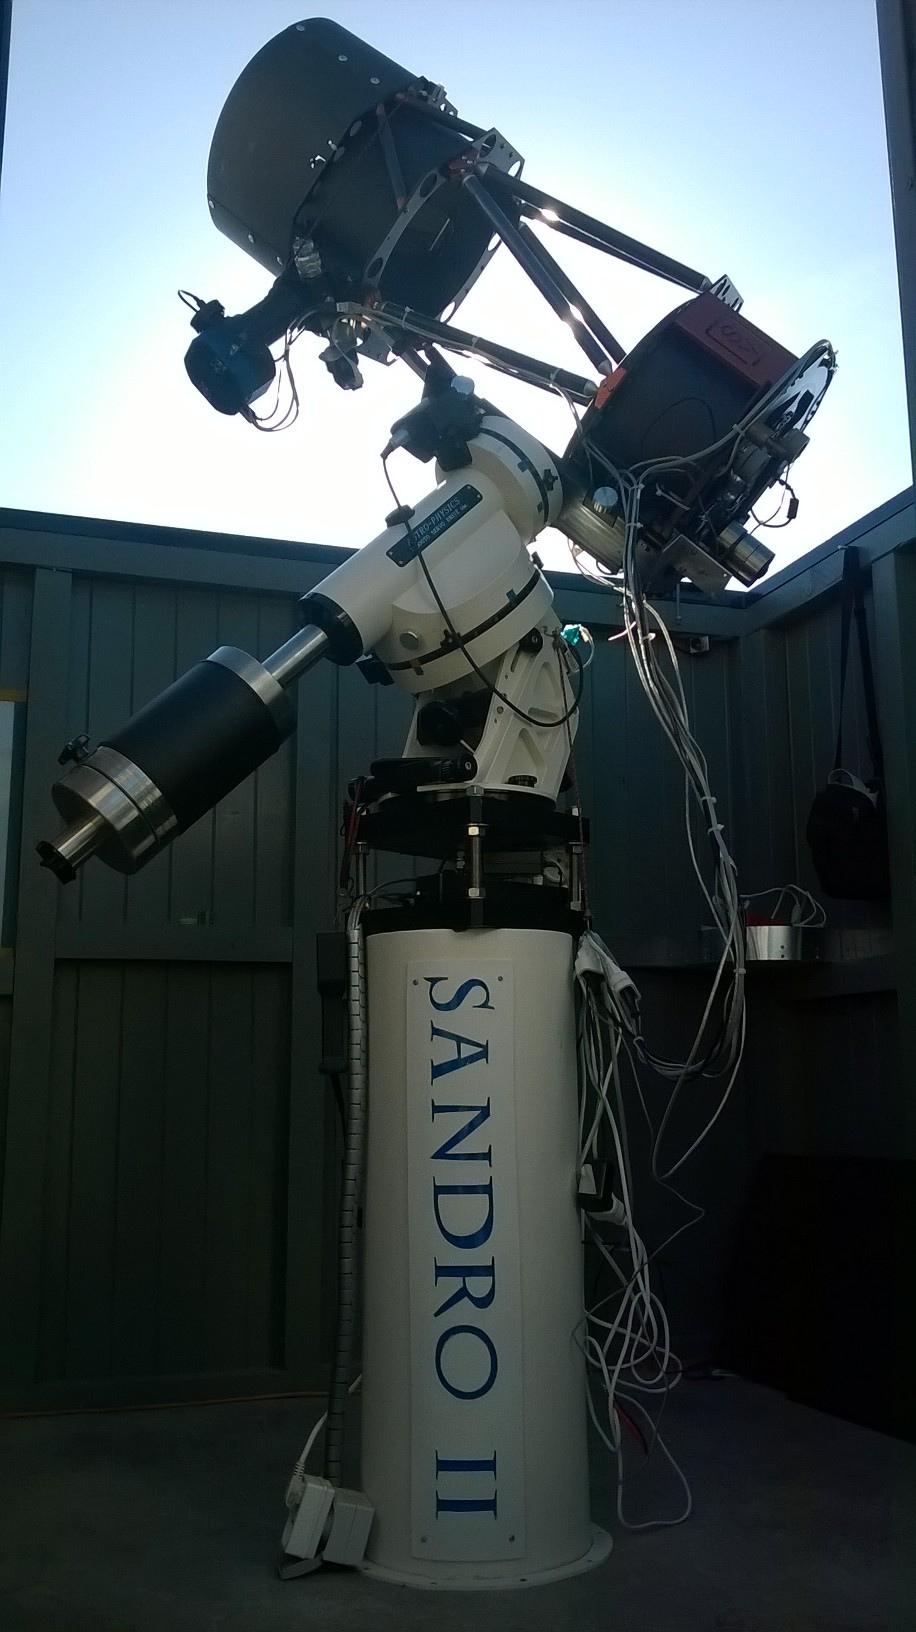 Le Sandro II avec le Skyvision 300 F/3.3 sur L'AP1200